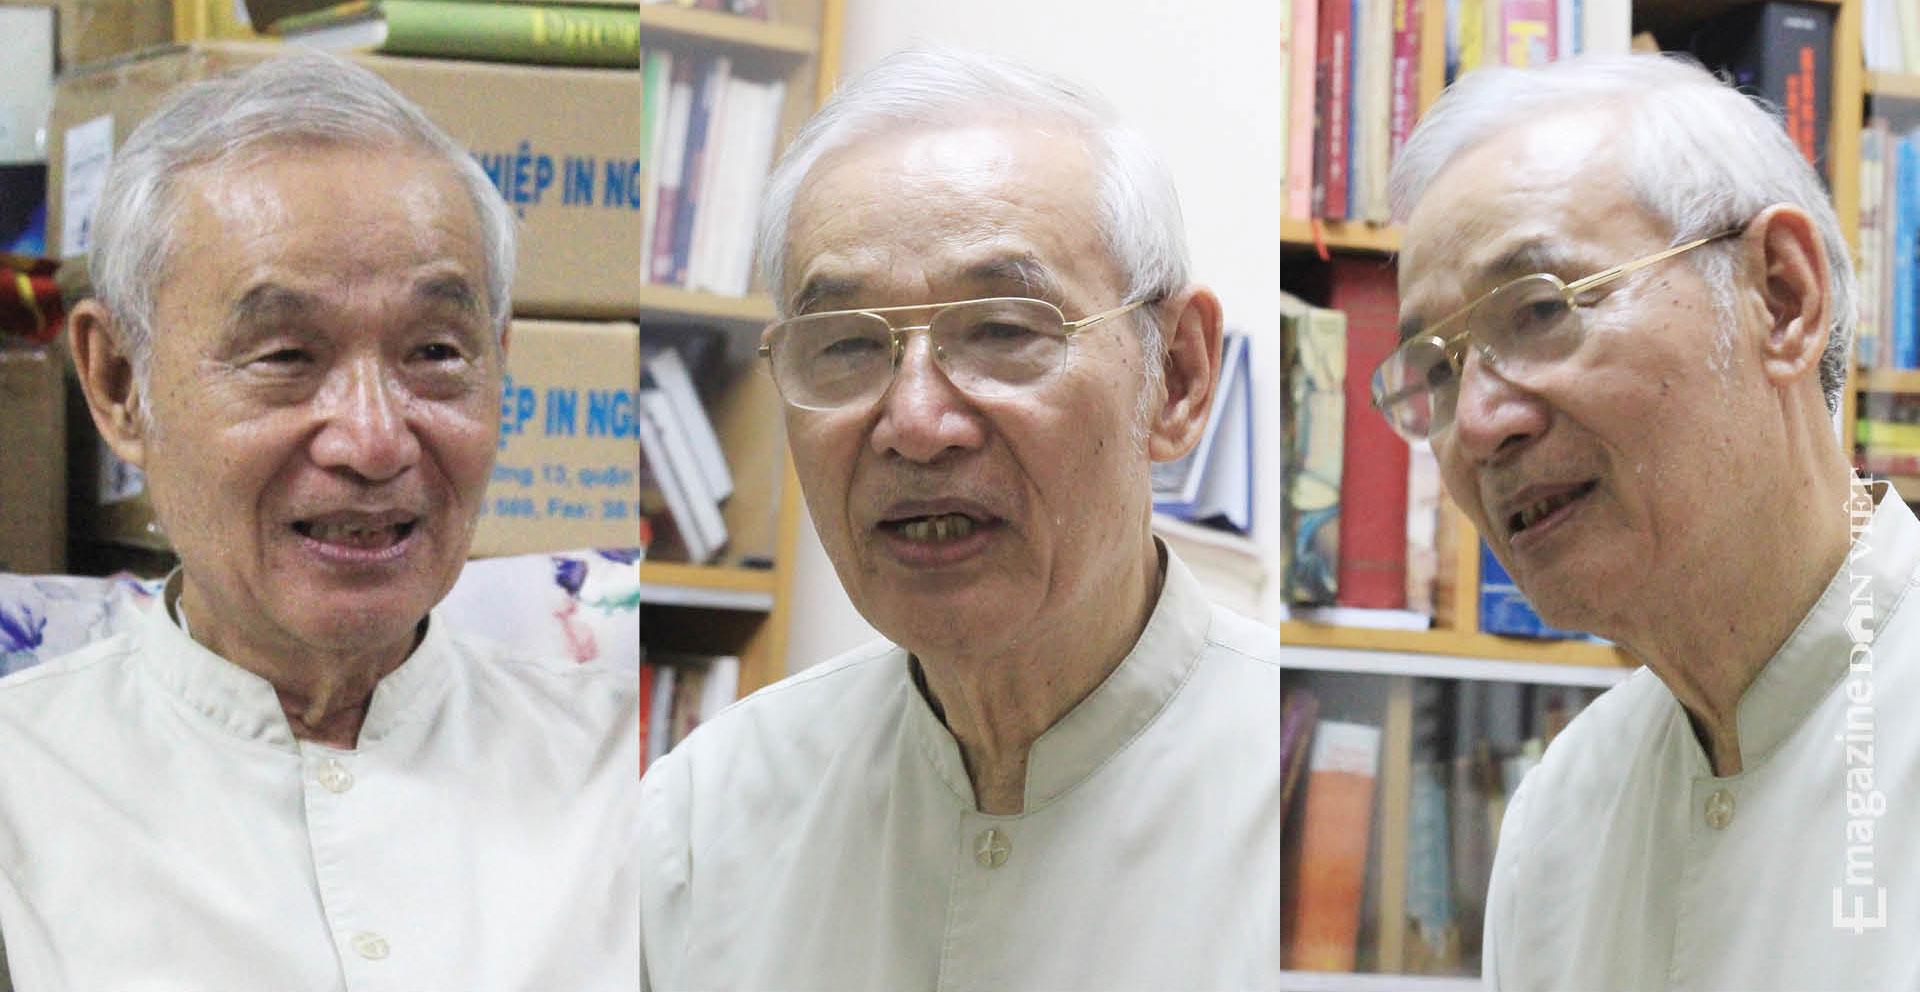 Tiến sĩ sử học Nguyễn Nhã: Muốn bảo vệ chủ quyền, không gì hay hơn là trở thành cường quốc biển  - Ảnh 13.